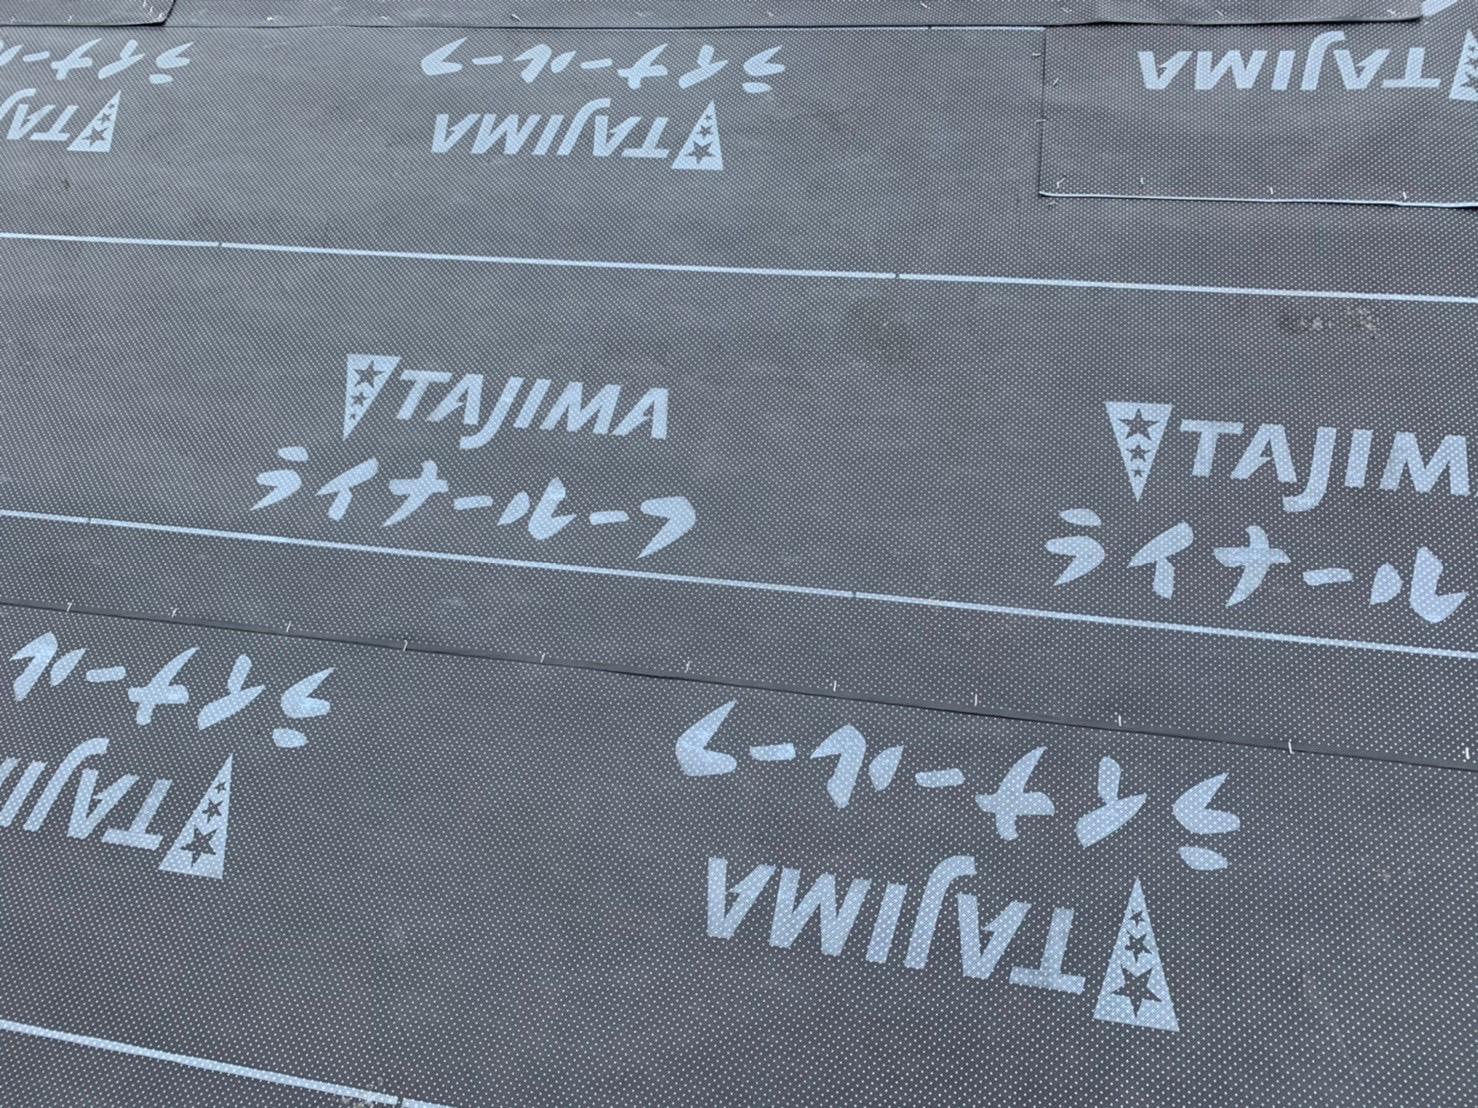 【東京都目黒区】パミールからオークリッジスーパーへ、屋根葺き替え工事の事例12